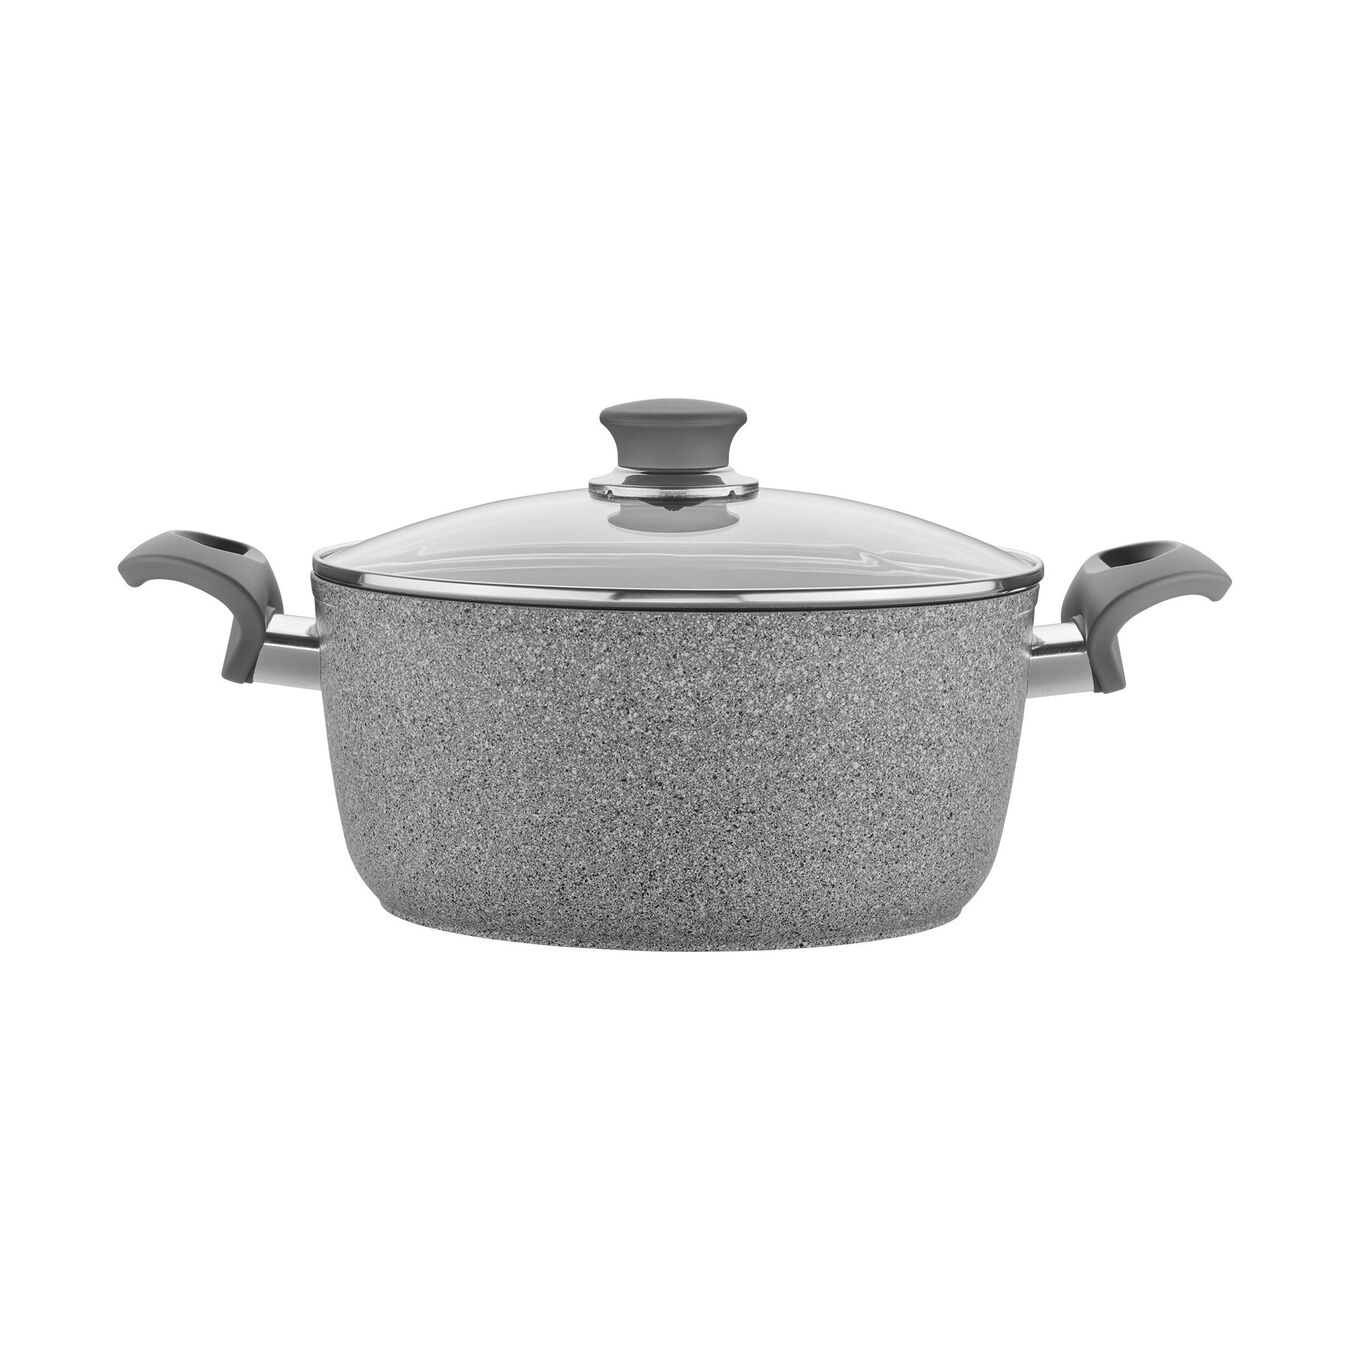 10-pc Aluminum Pots and pans set,,large 7